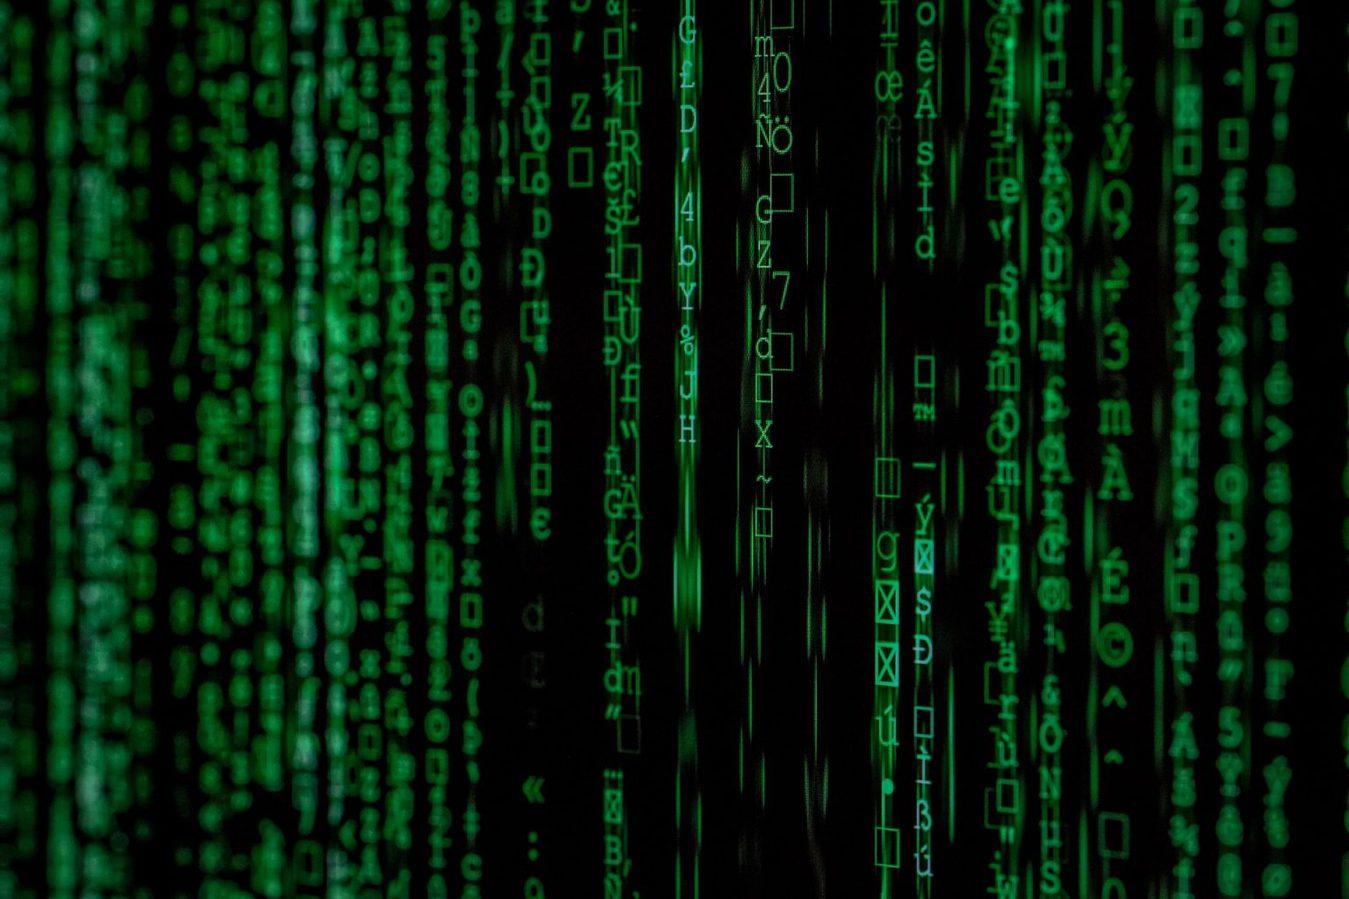 Código verde com fundo preto